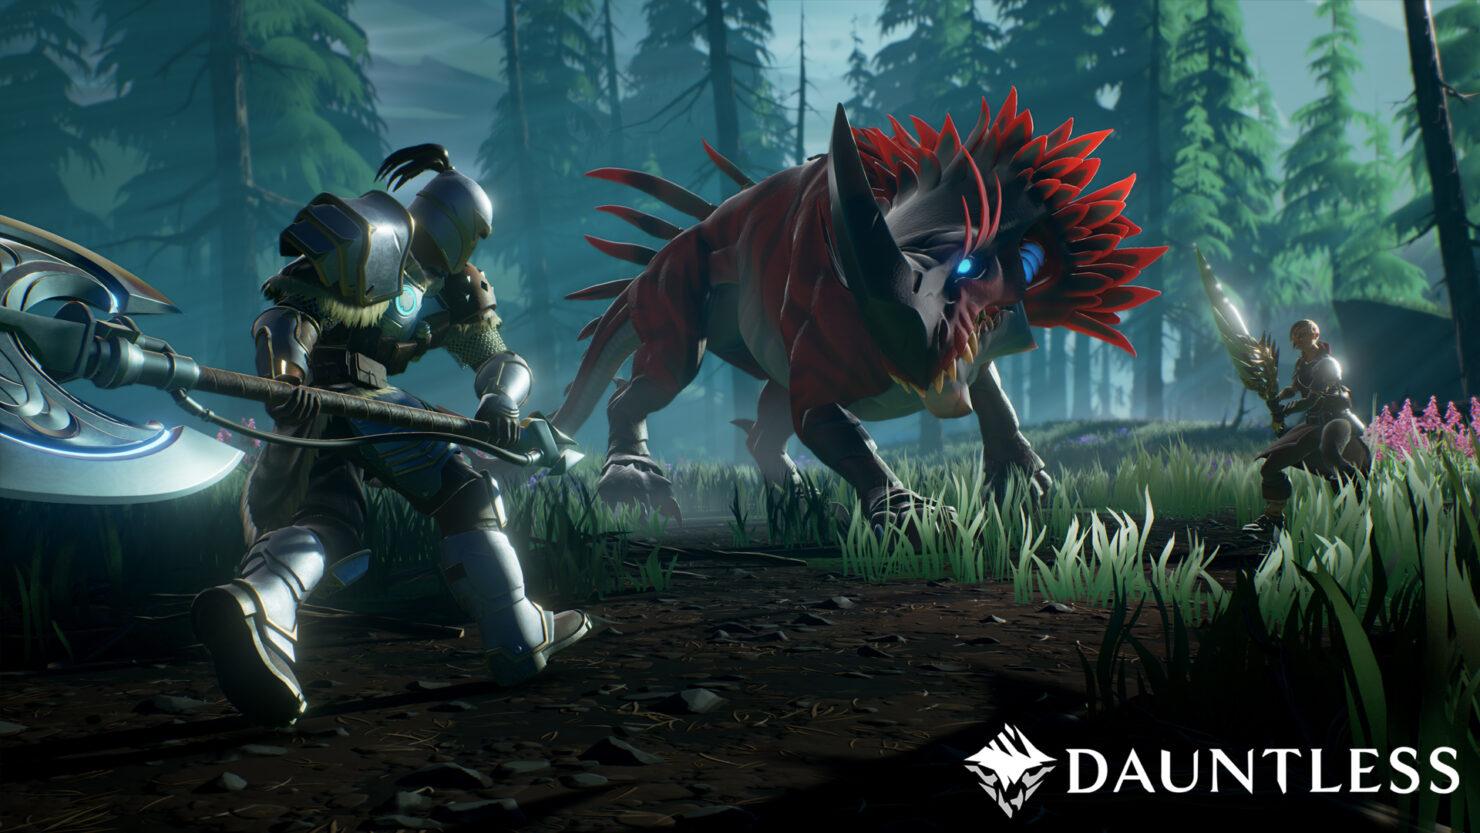 embermane-combat-screenshots-dauntless